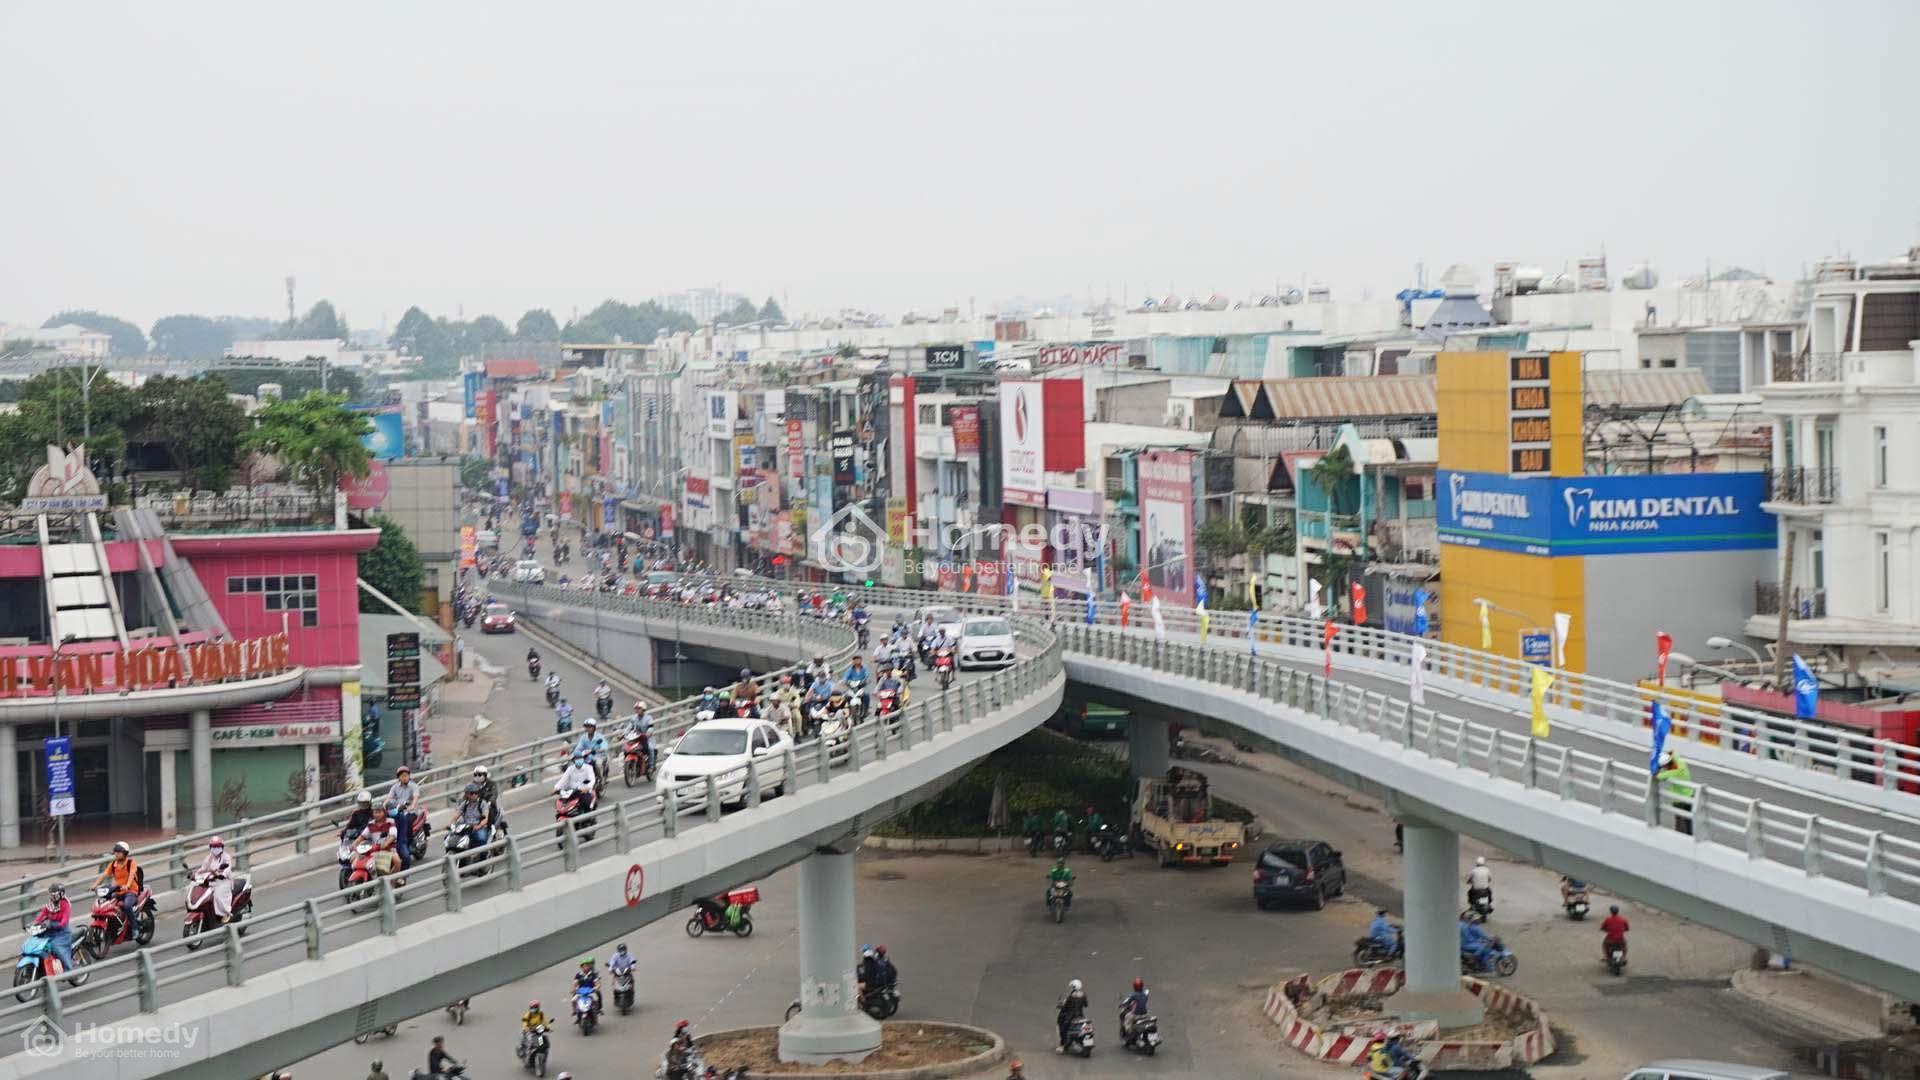 Gò Vấp là cửa ngõ phát triển kinh tế của thành phố Hồ Chí Minh